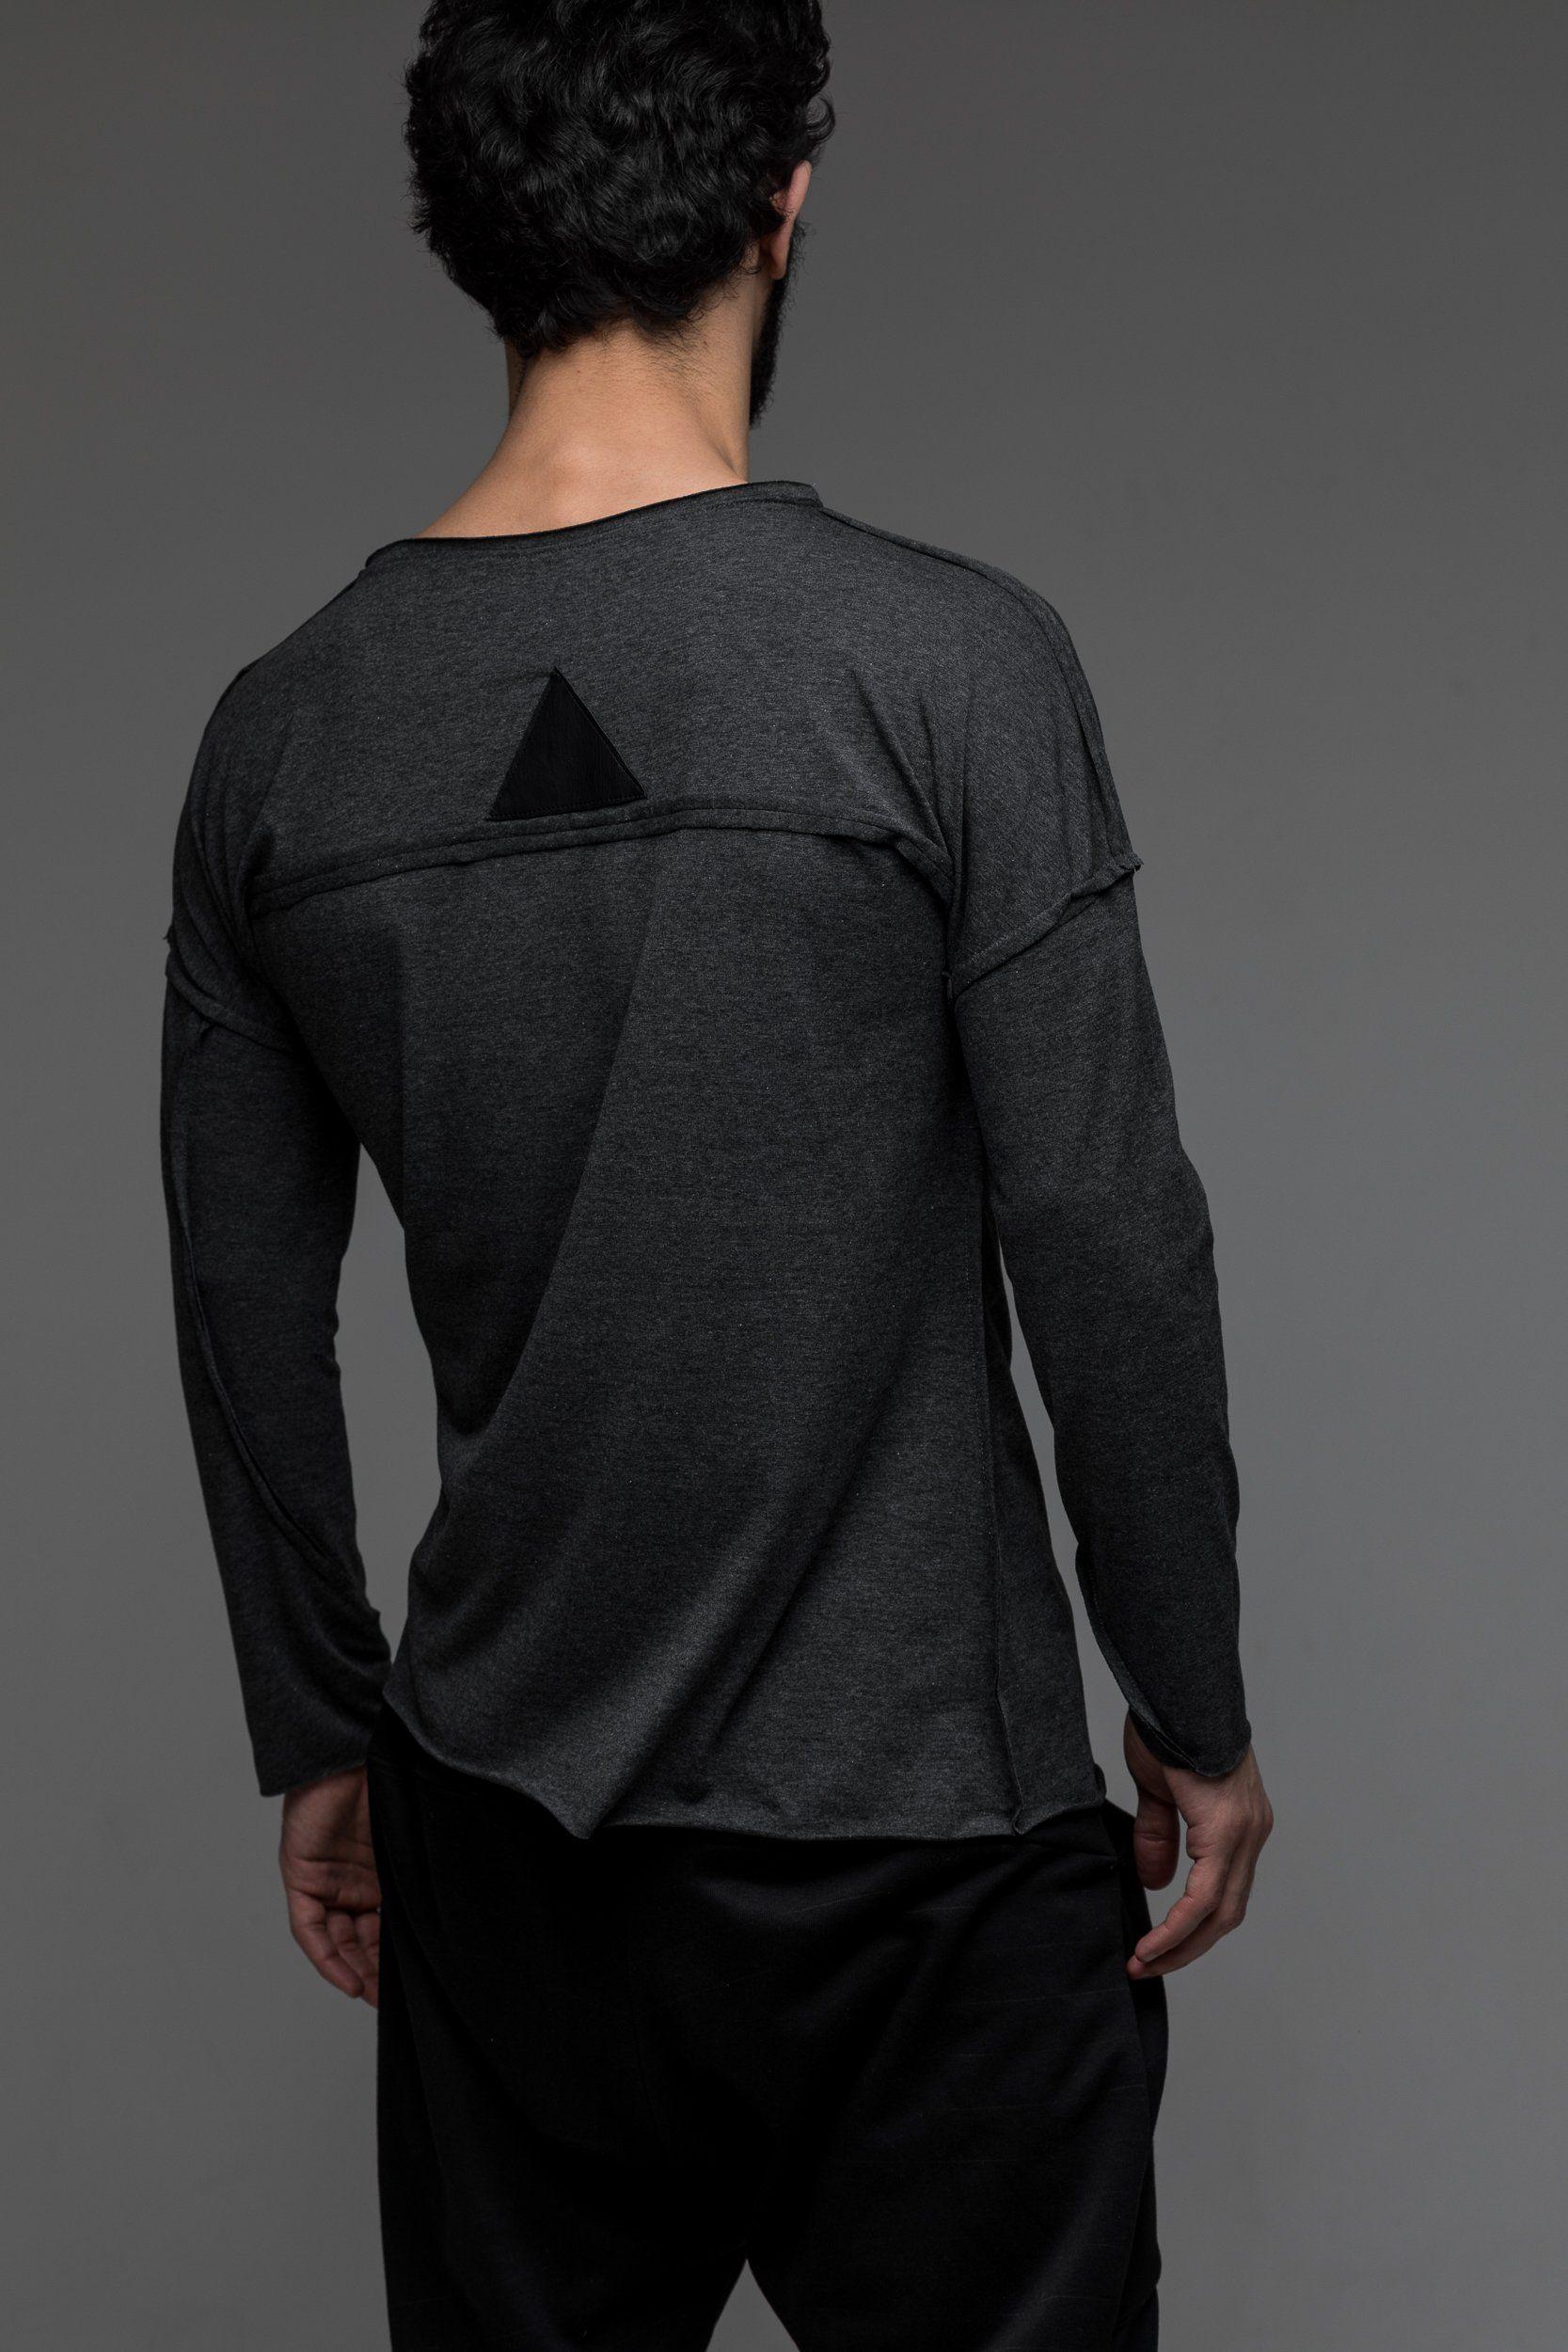 Grey loose lightweight shirt | Lightweight shirts, Cyber